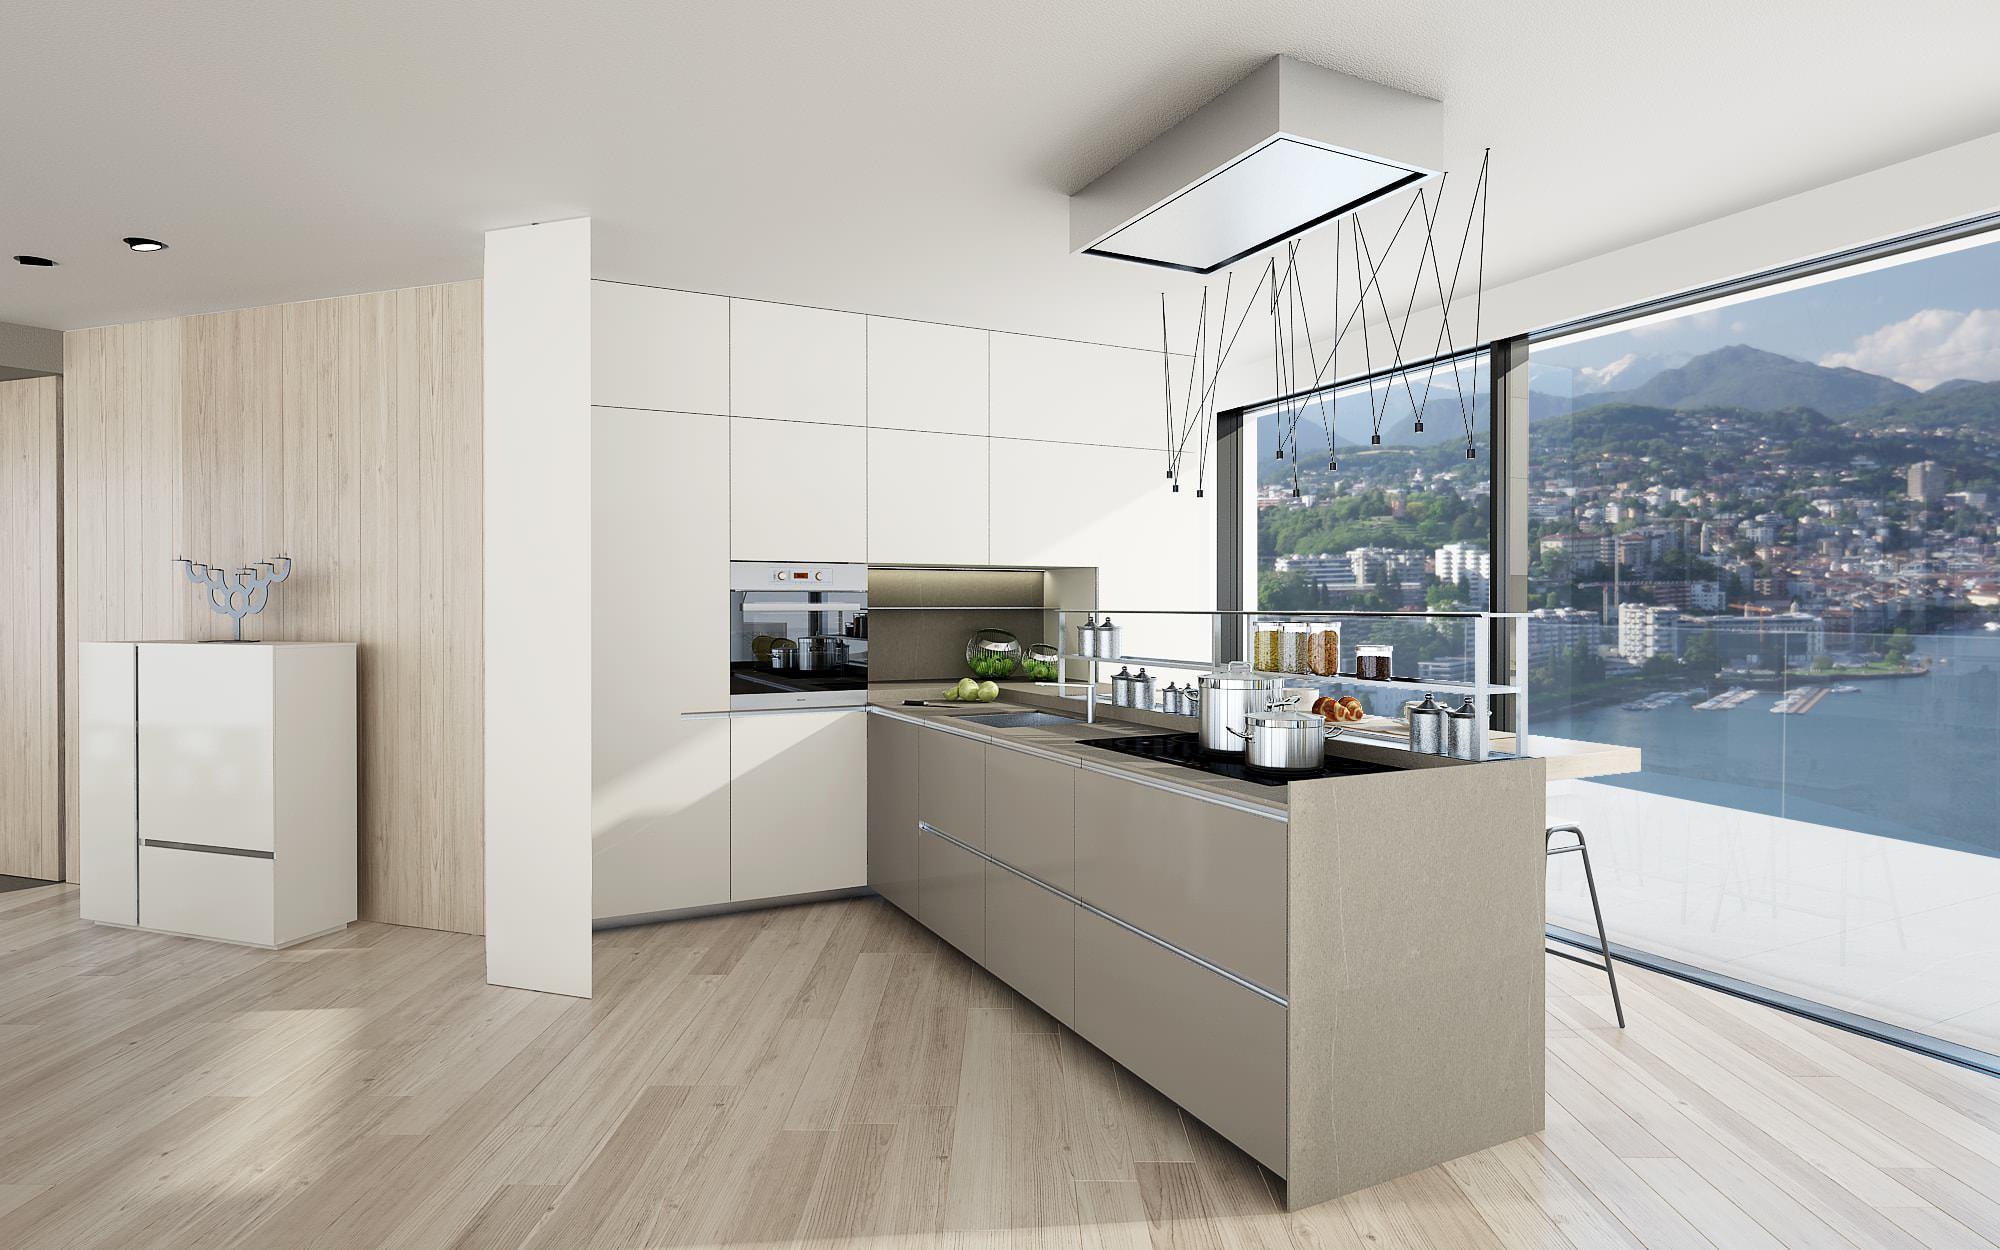 Stupendo Attico Moderno Di Design E Lusso A Lugano Ticino Svizzera Nizza Paradise